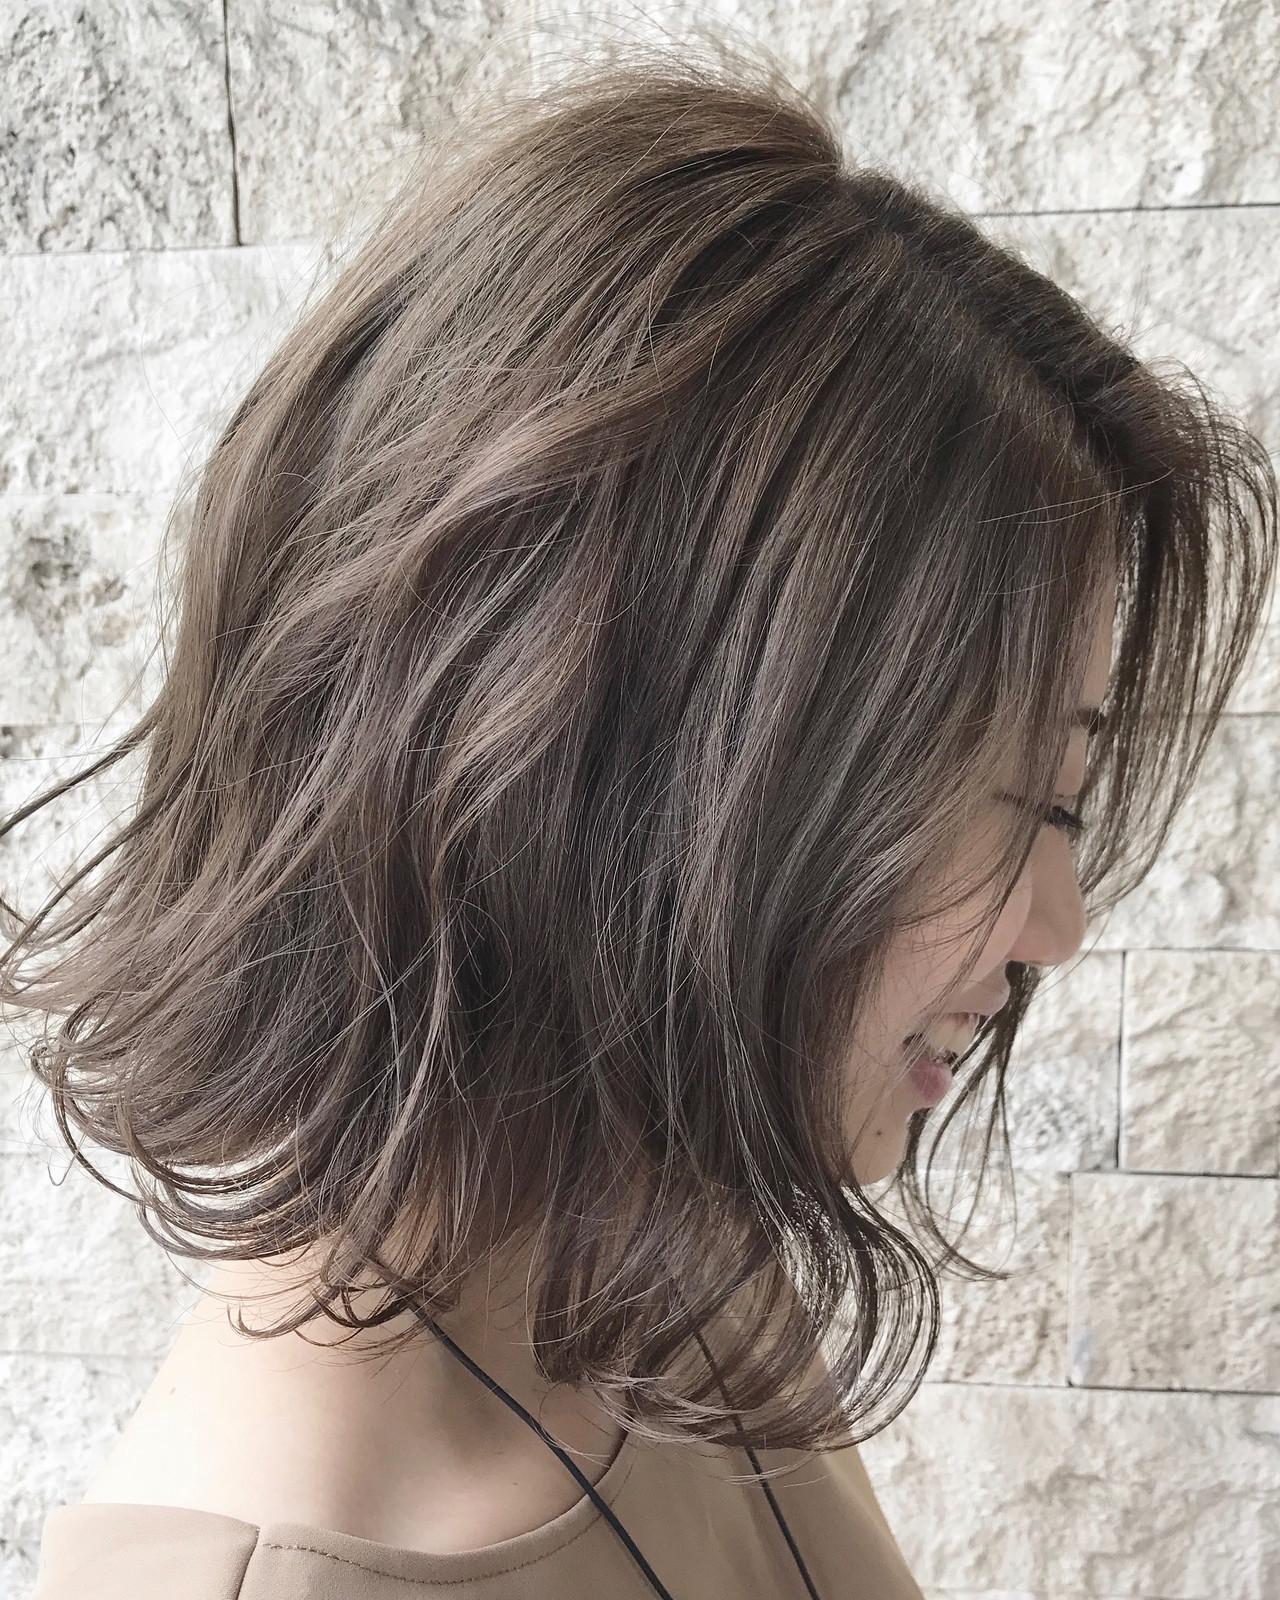 アッシュブラウン ボブ 大人女子 アッシュベージュ ヘアスタイルや髪型の写真・画像